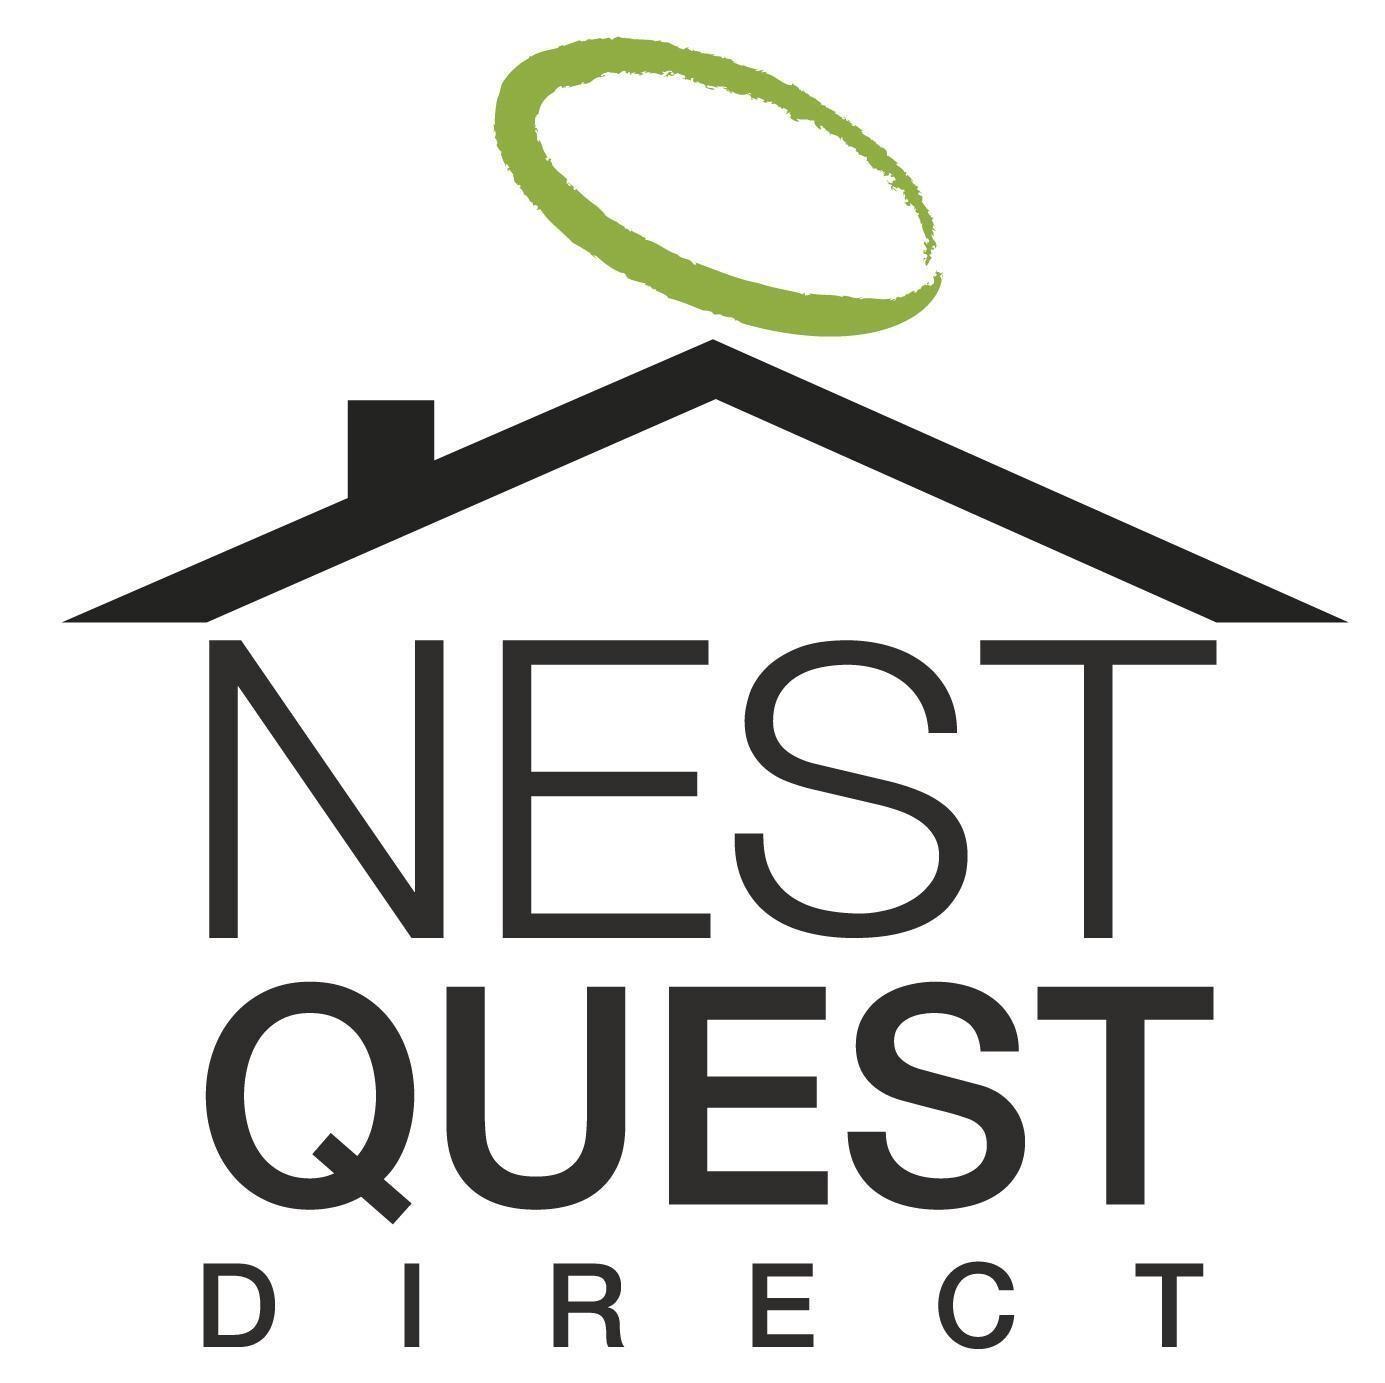 NestQuest Direct